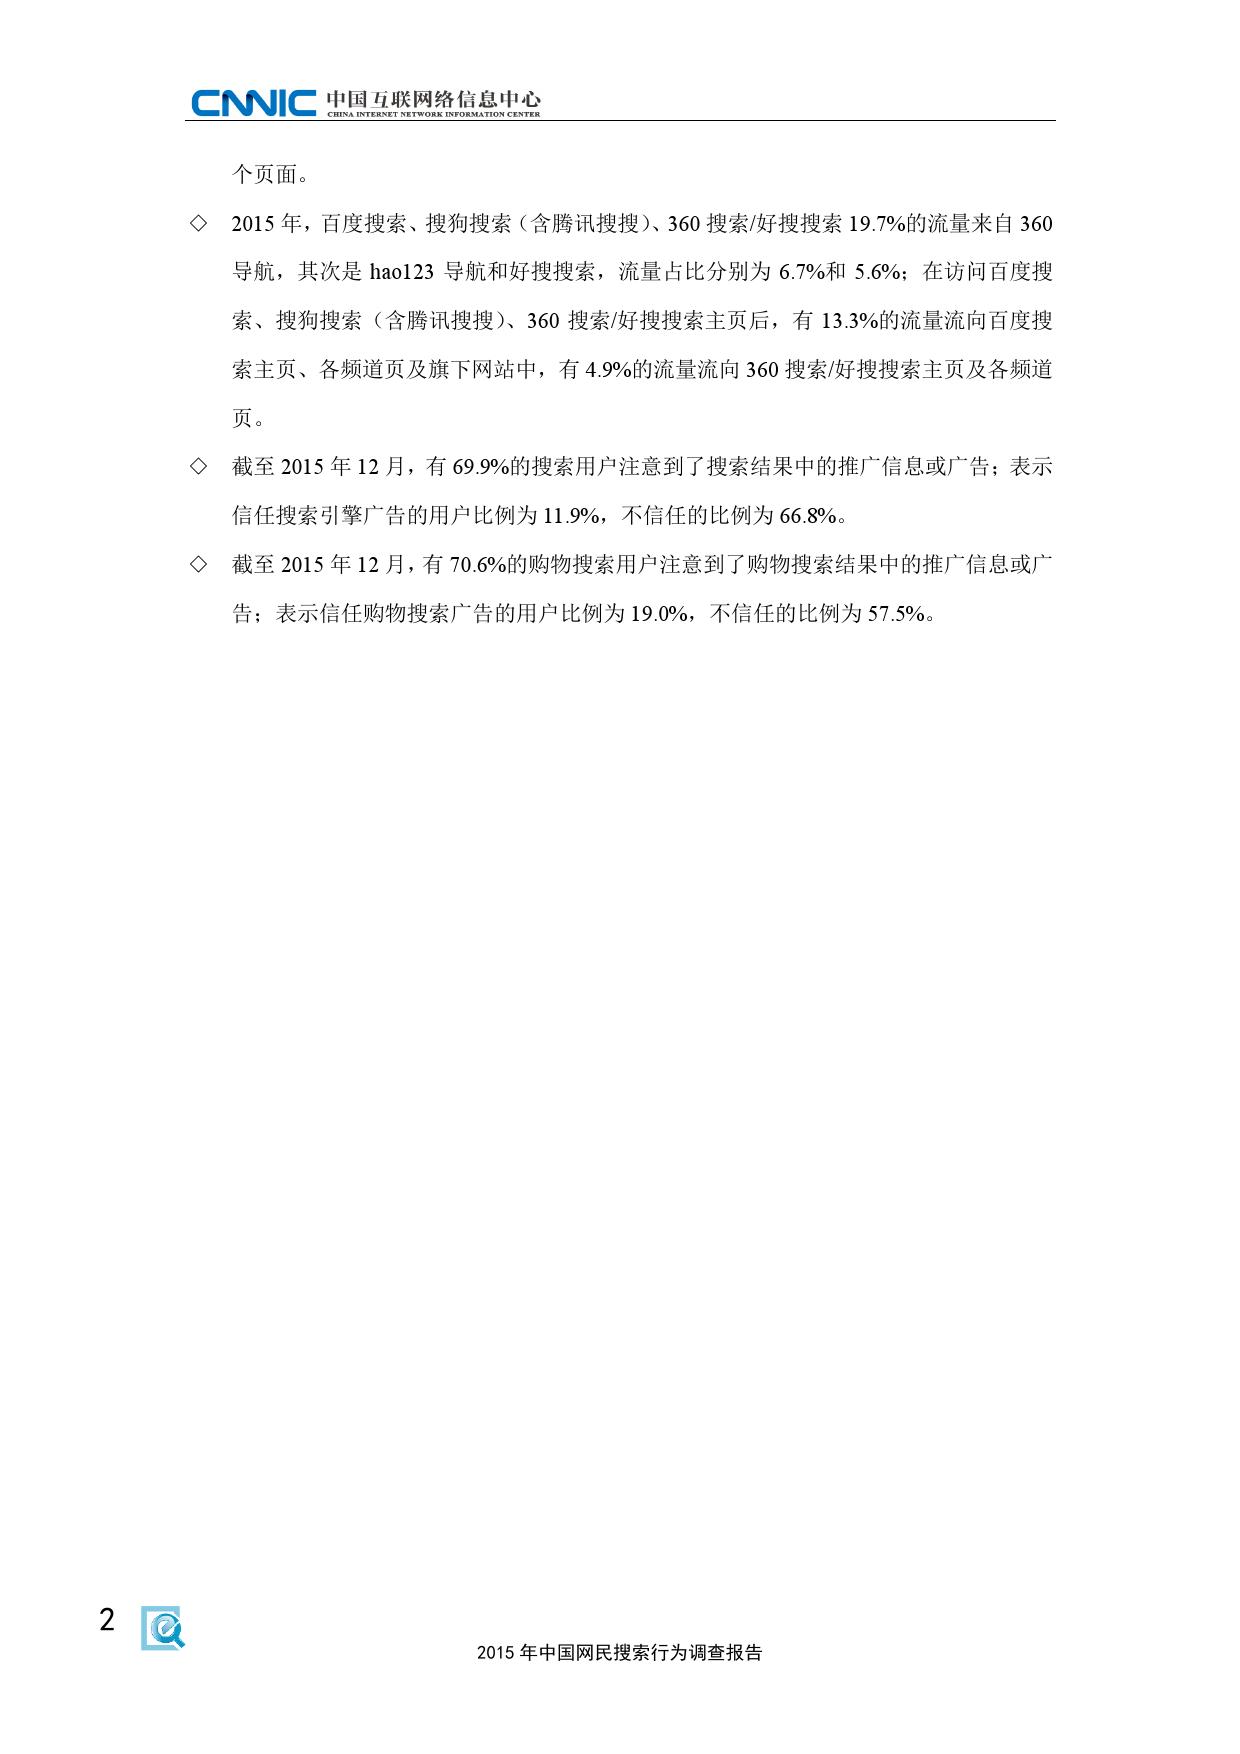 CNNIC:2015年中国网民搜索行为调查_000010